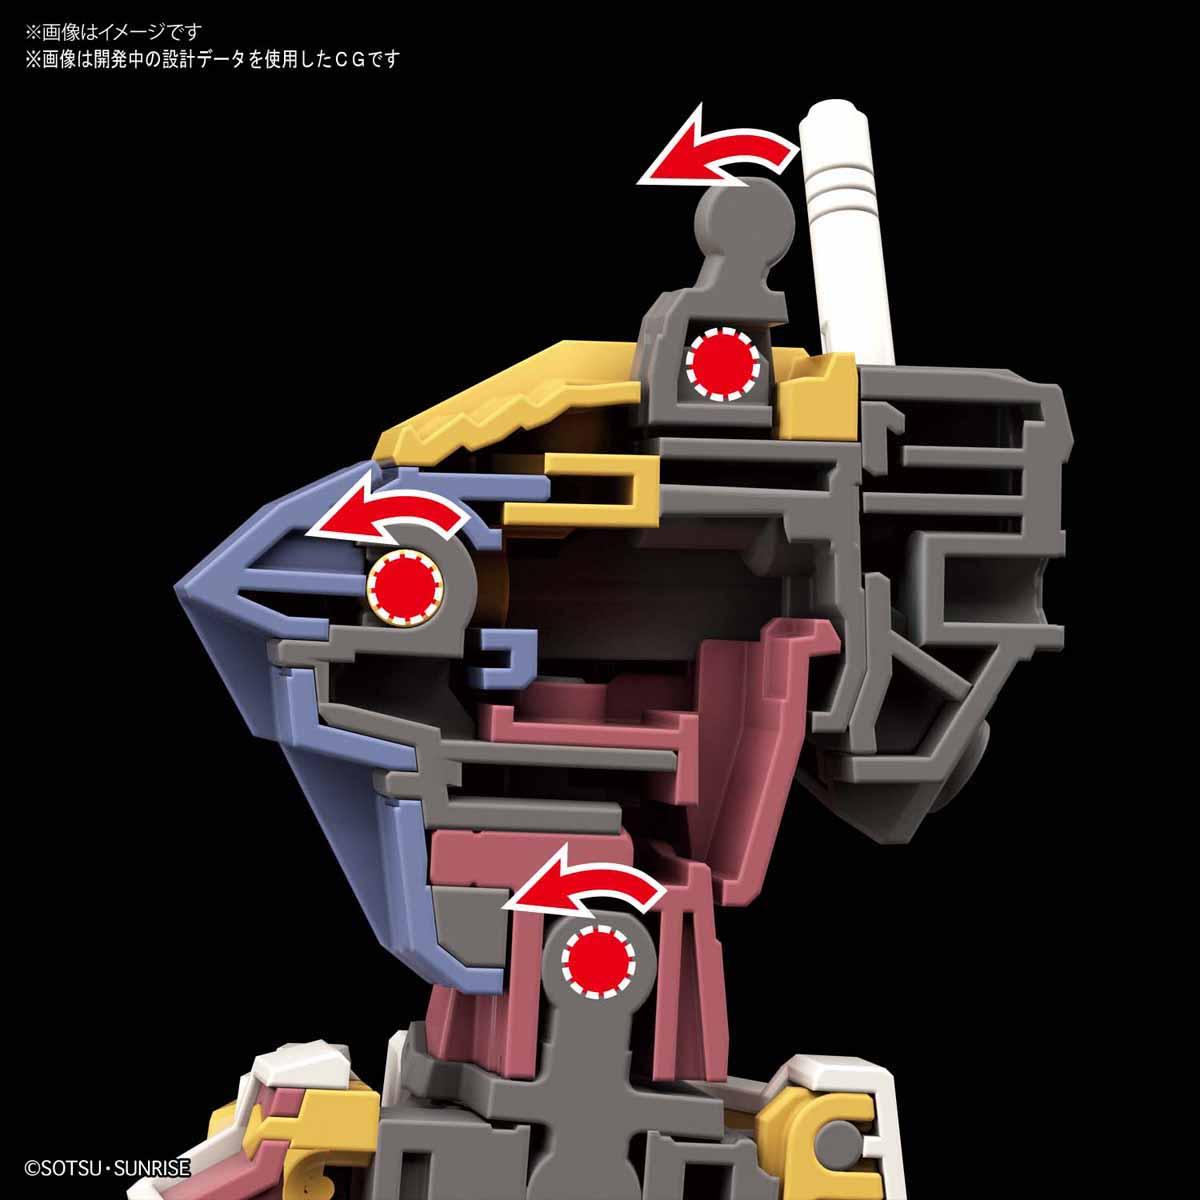 【再販】HG 1/144『RX-78-2 ガンダム[BEYOND GLOBAL]』プラモデル-003